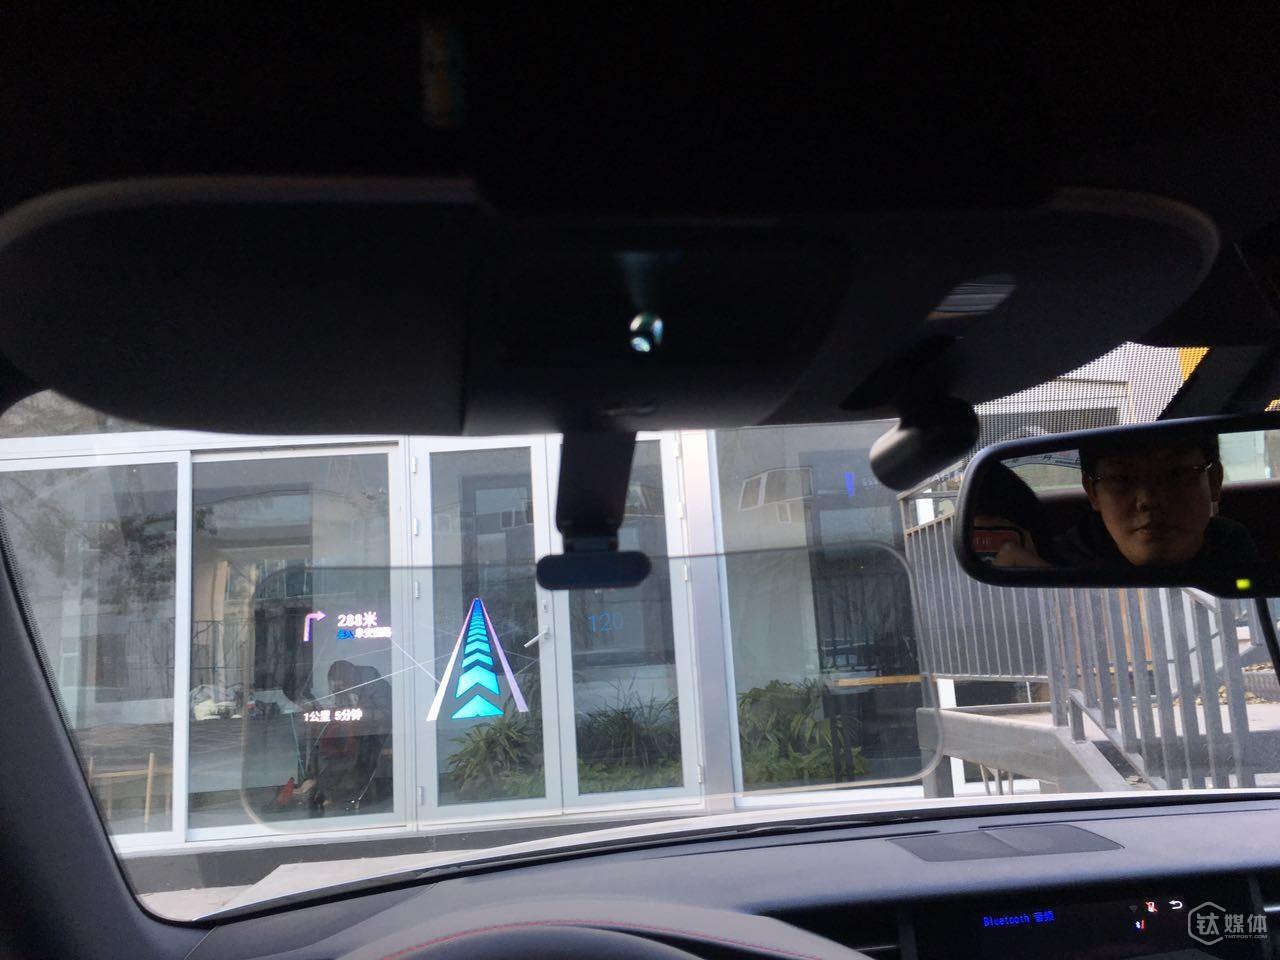 导航信息通过光学镜片投射汽车挡风玻璃上幕